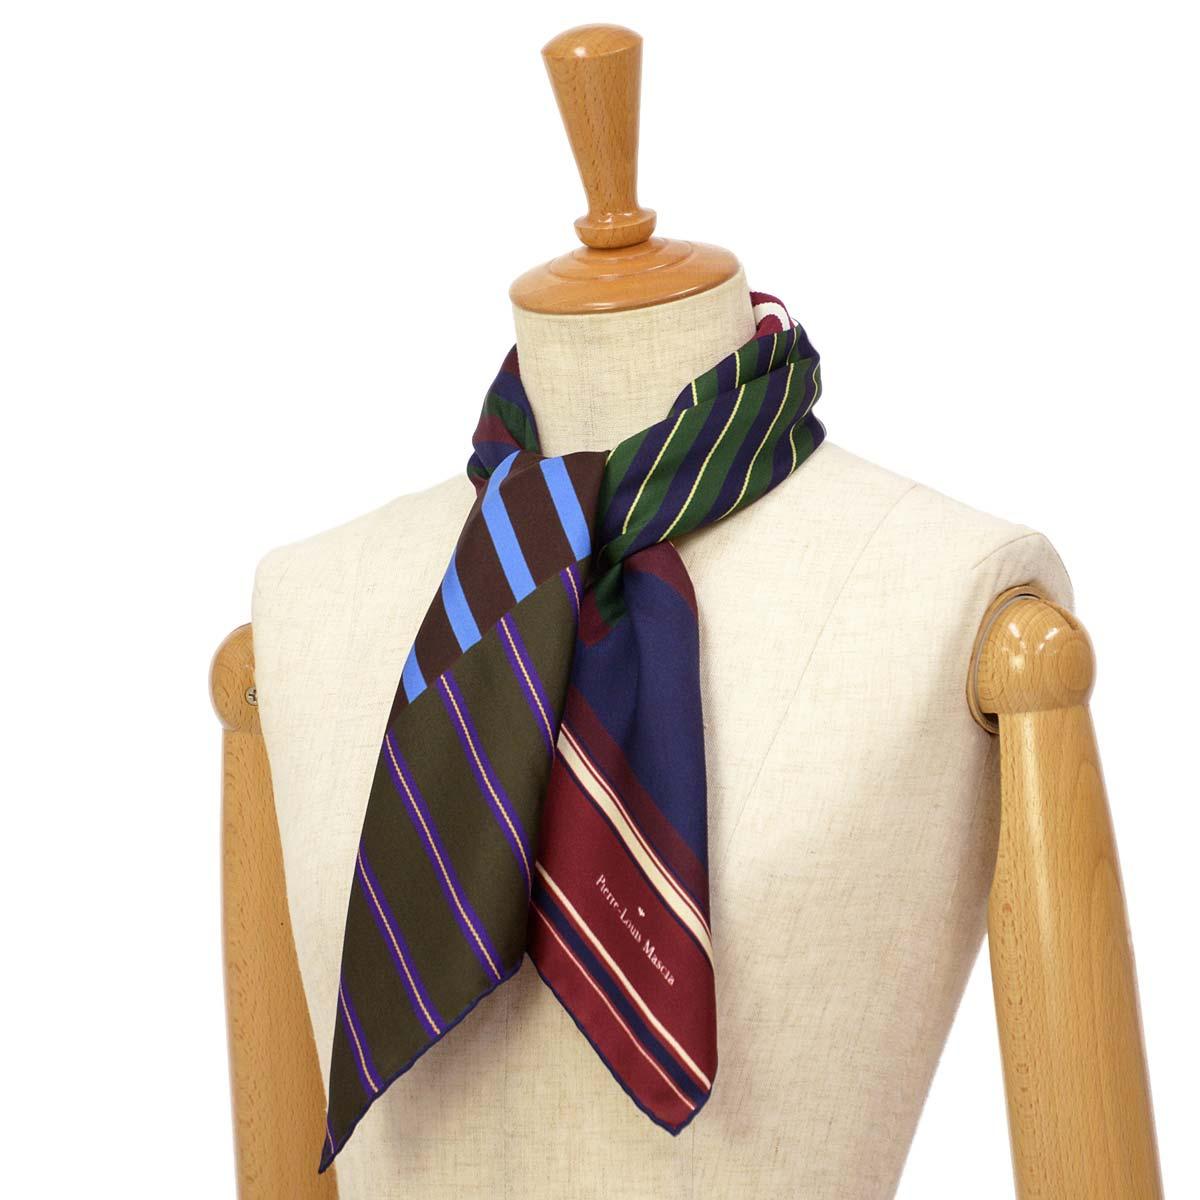 Pierre Louis Mascia【ピエールルイマシア】スカーフ ALOEUW67 45591 シルク ストライプ